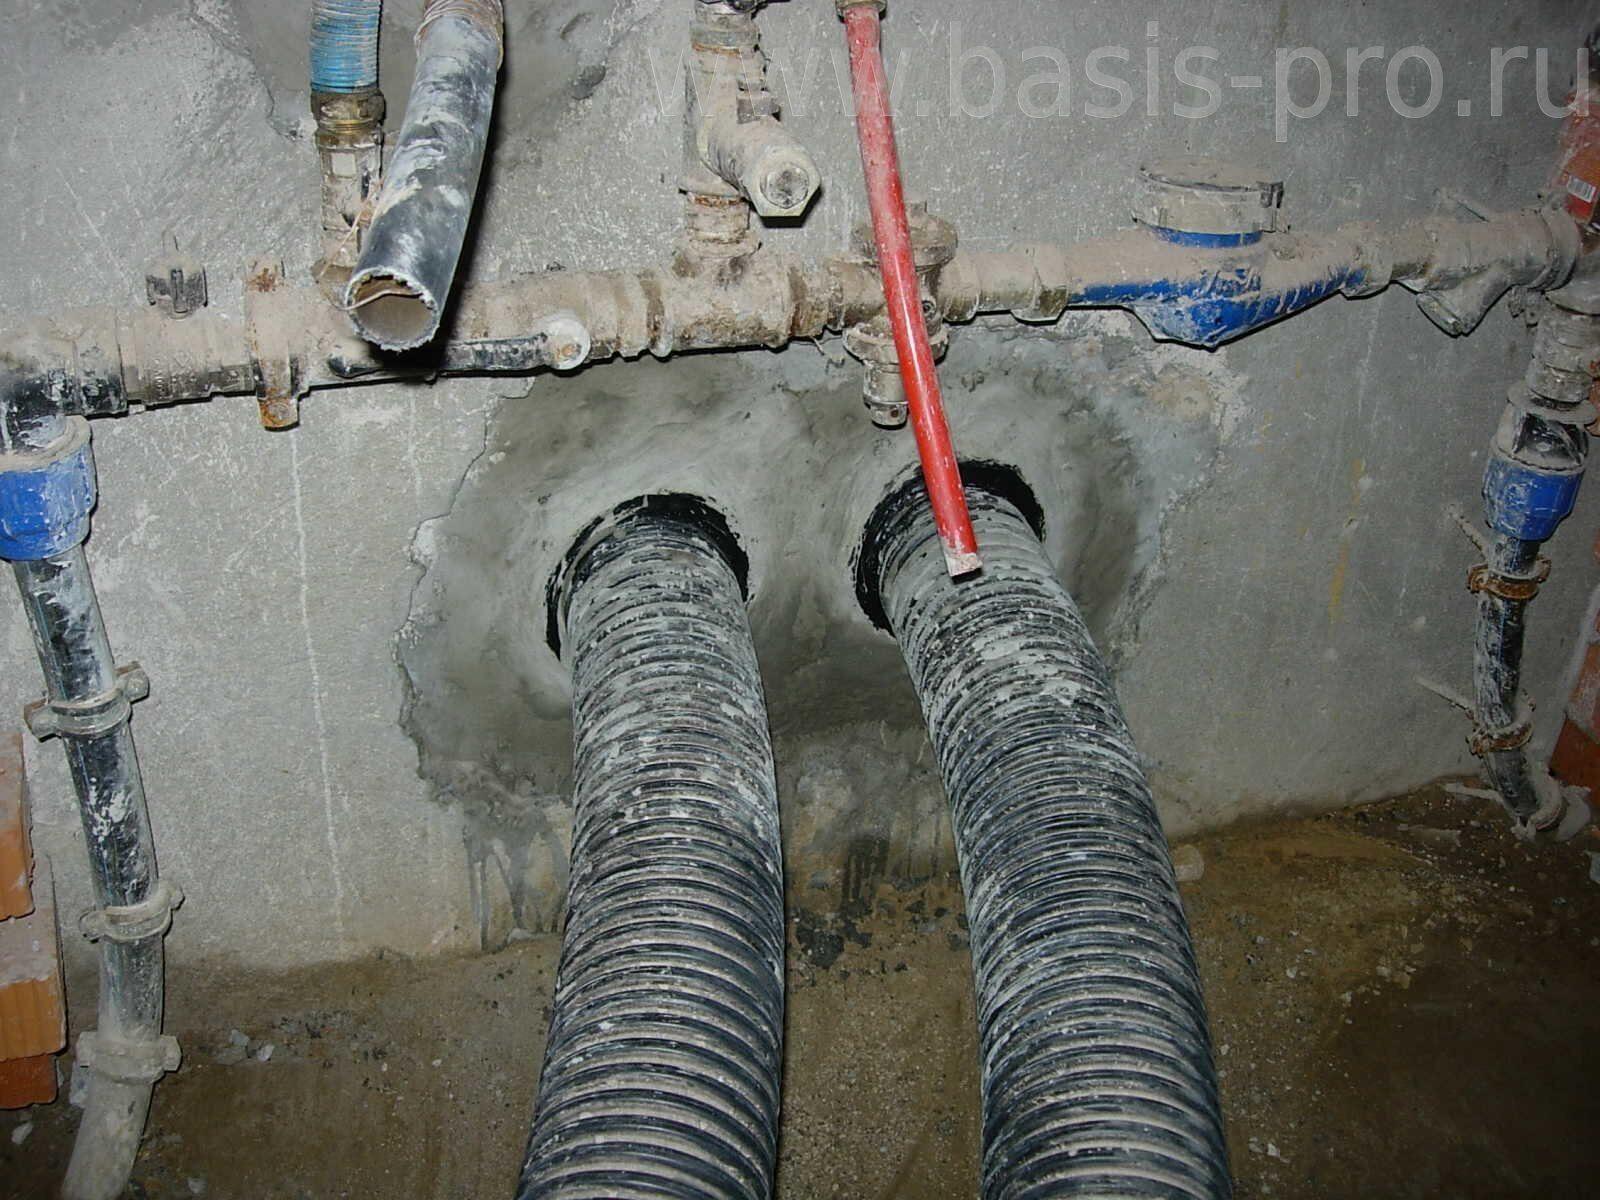 Герметизация бетон бетон камызяк